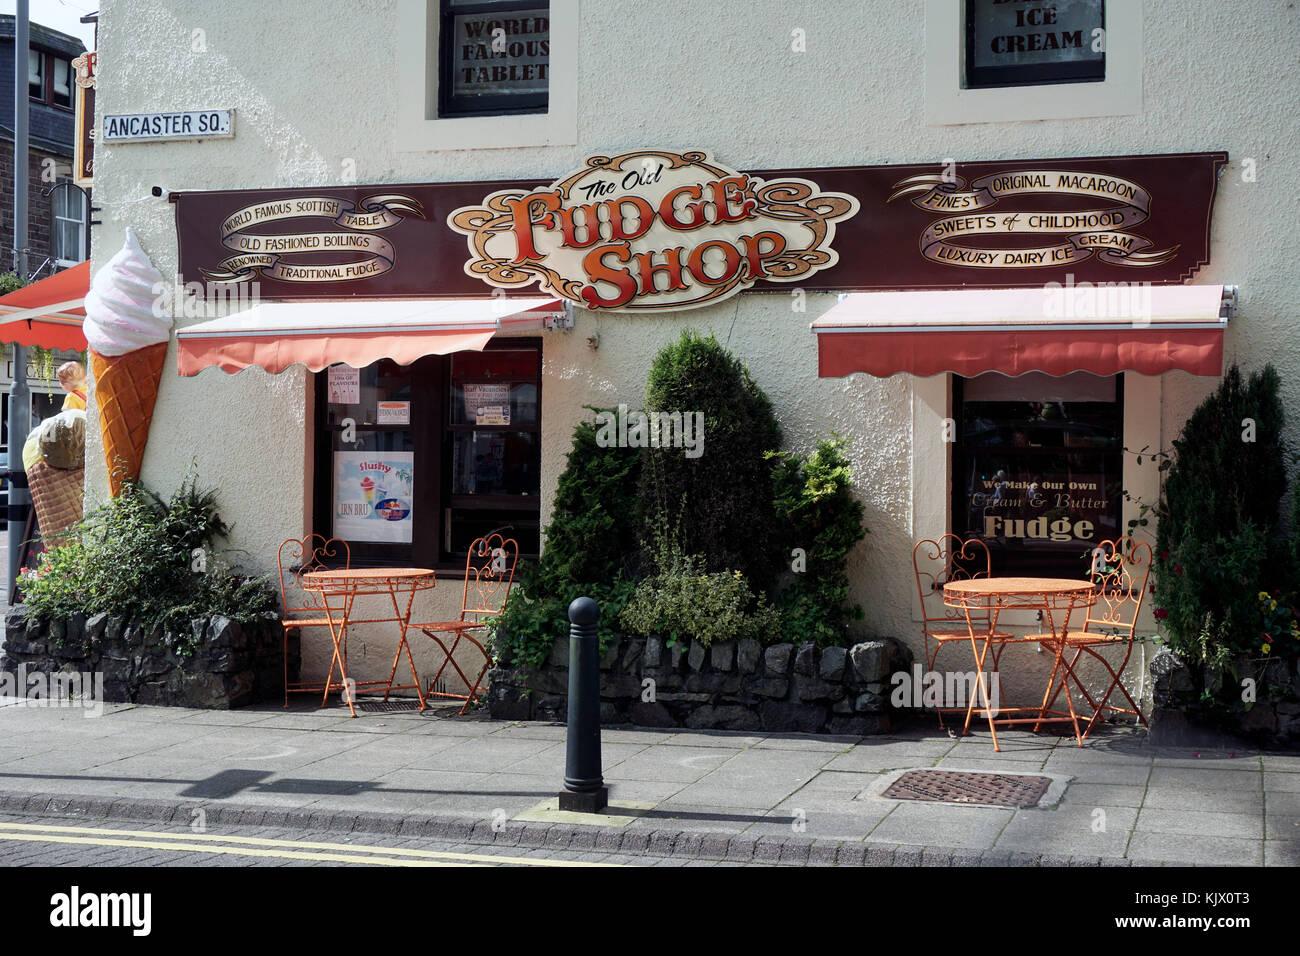 the old fudge shop callander stirlingshire scotland - Stock Image